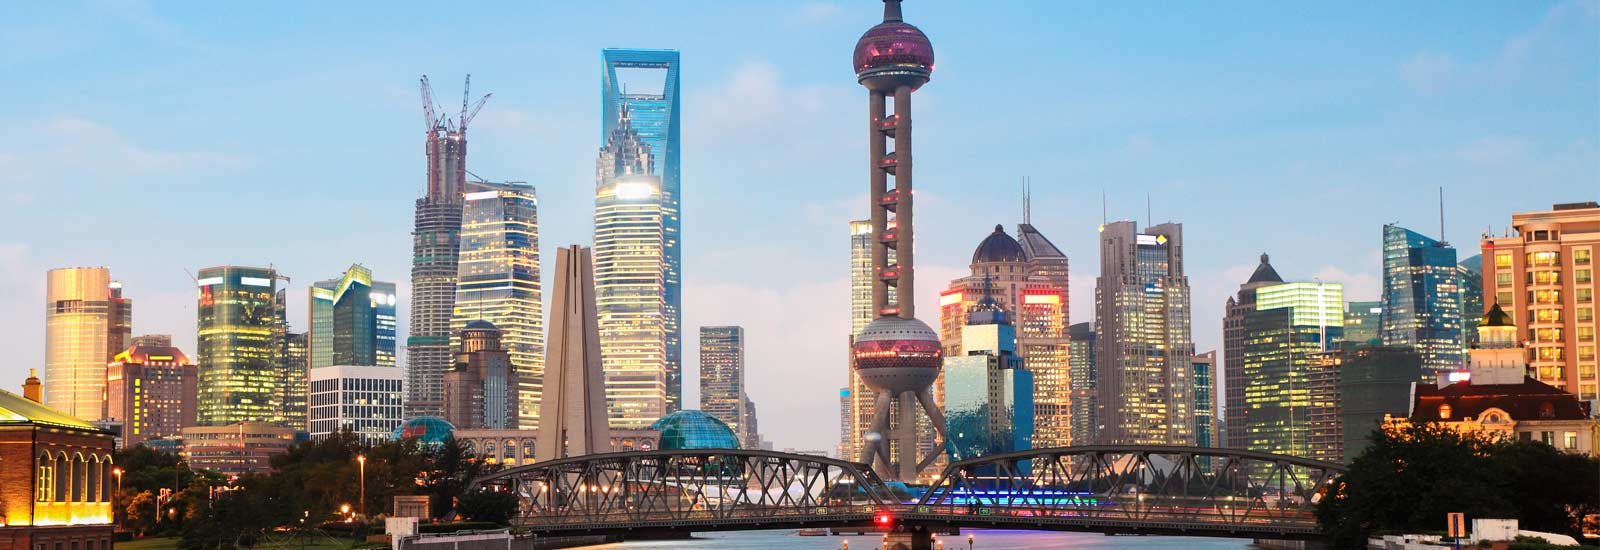 Shanghai-TV-Tower2